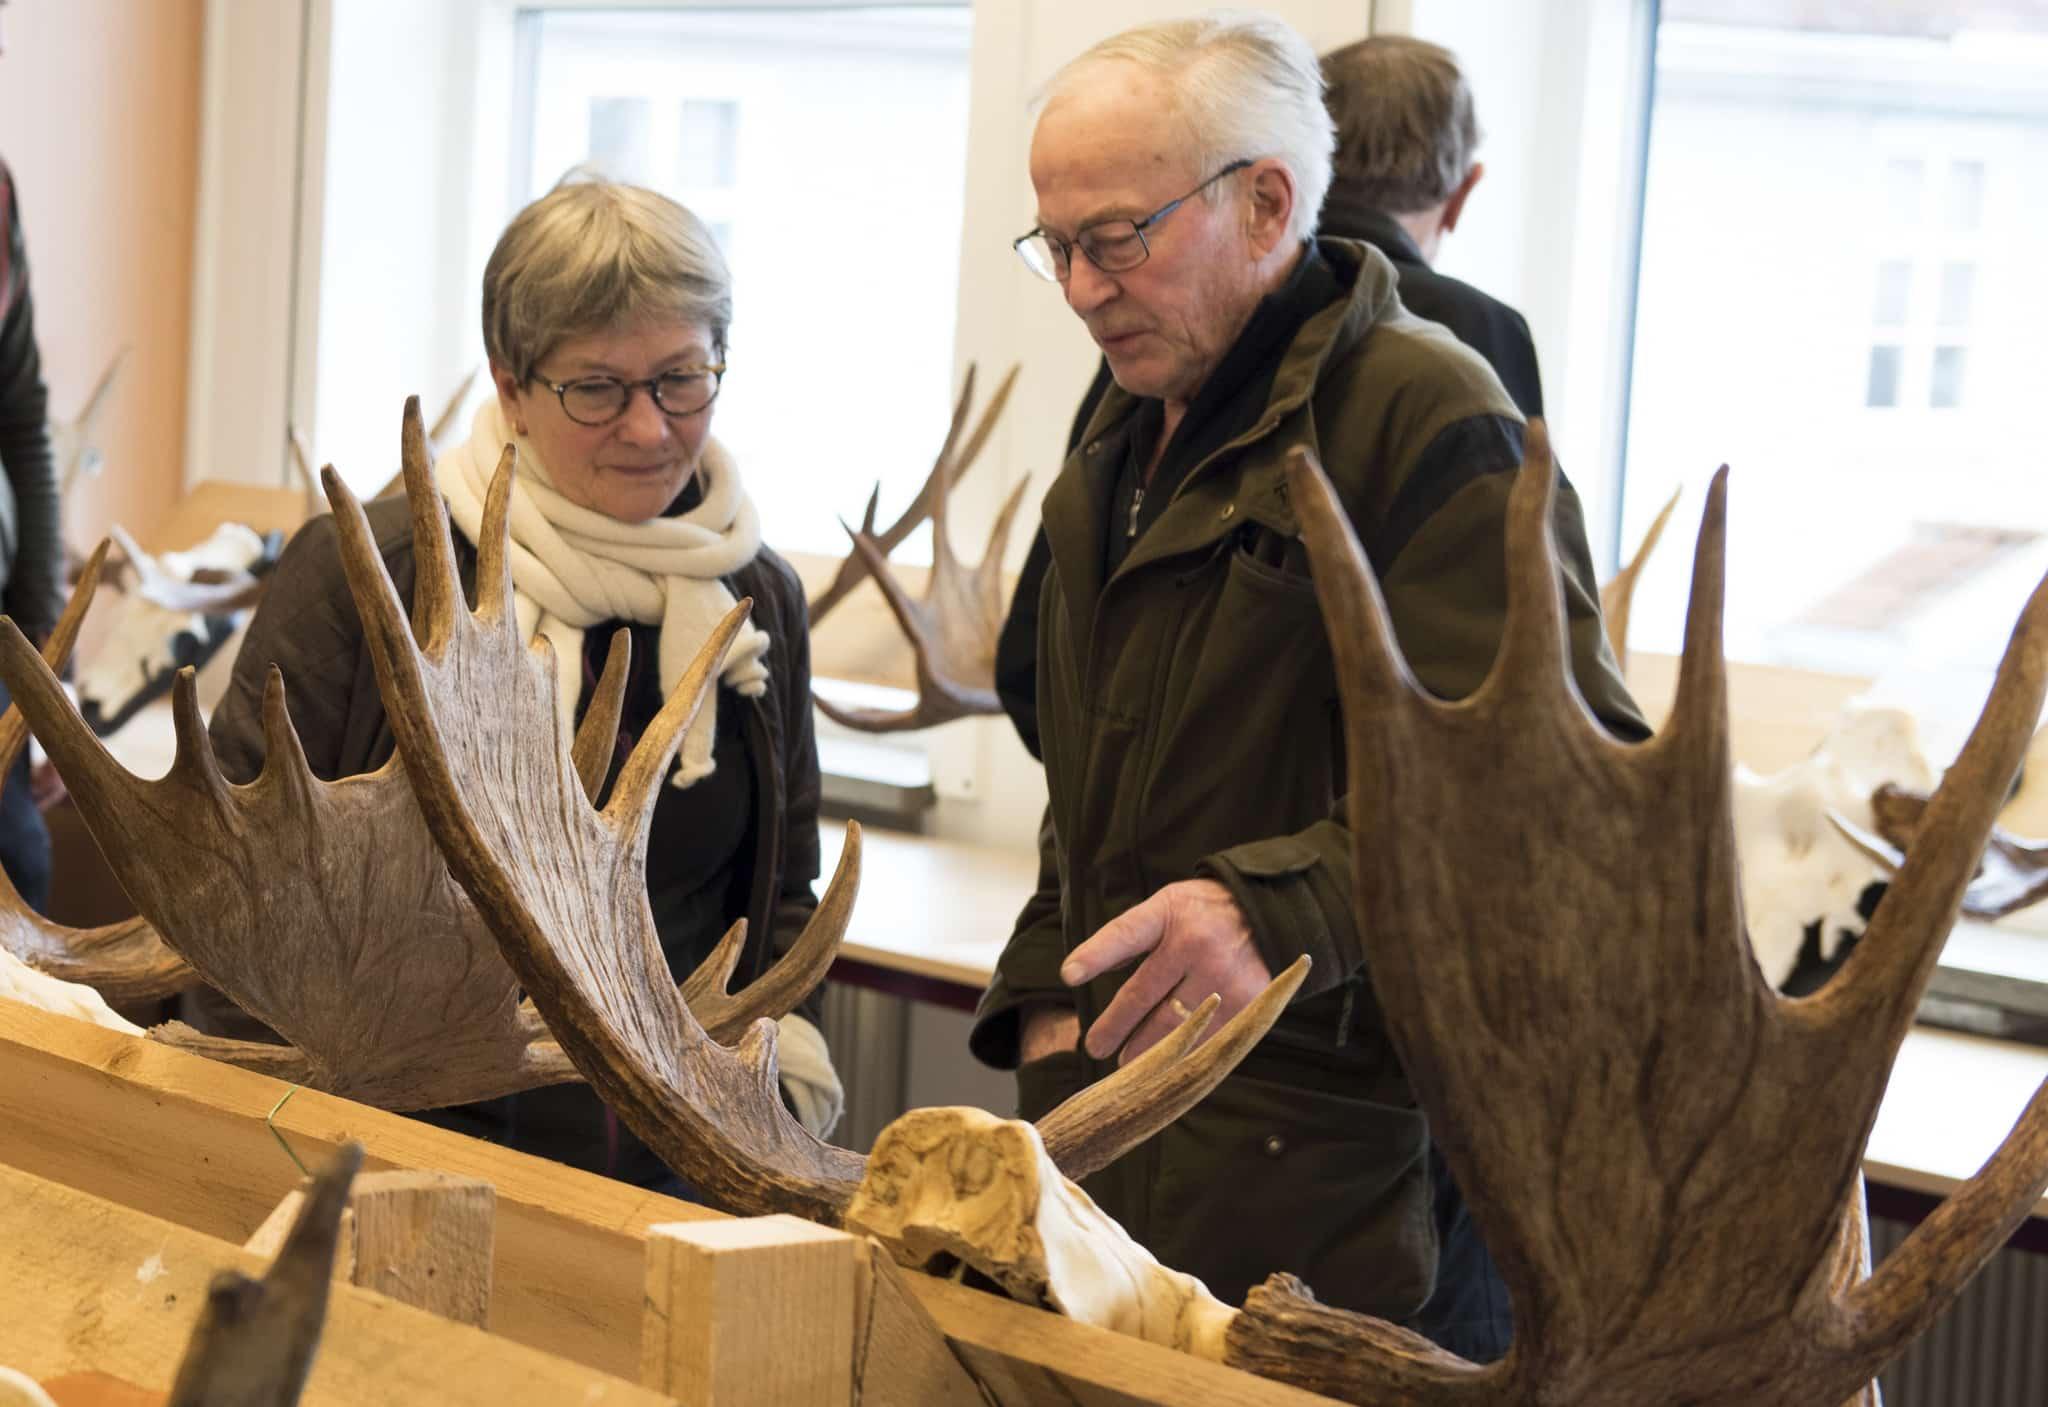 040fd7f3afc De många fina älghornen tilldrog sig stort intresse. Här diskuterar Gunilla  Malmsten och Lars Larsson en mycket fin Skånetjur. Foto: Jan Henricson